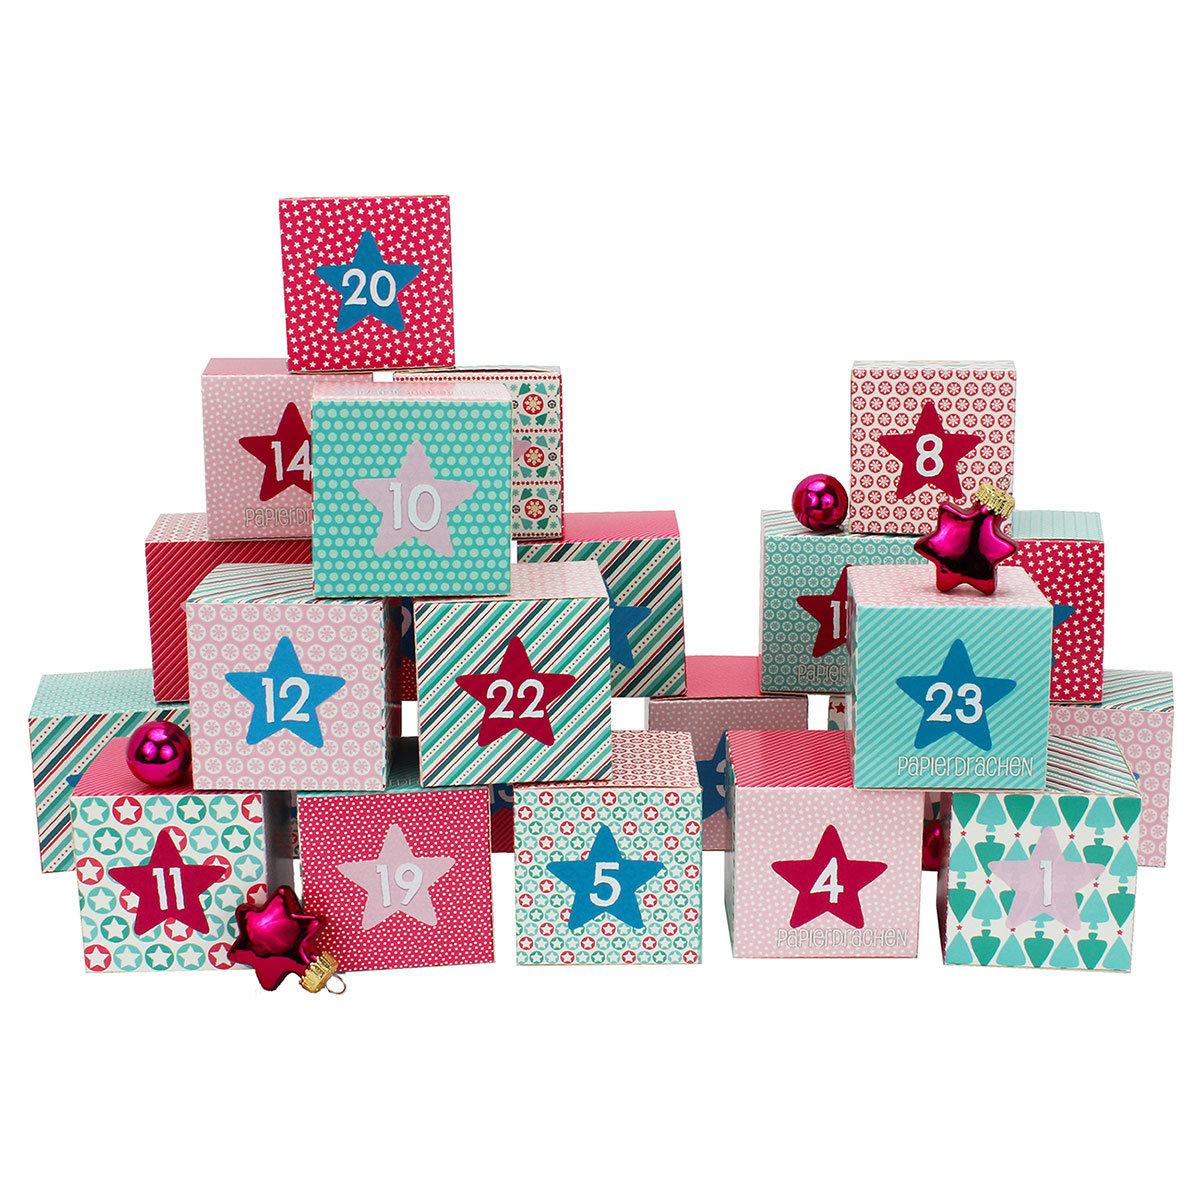 diy adventskalender kisten set motiv rosa 24 bunte schachteln zum aufstel ebay. Black Bedroom Furniture Sets. Home Design Ideas